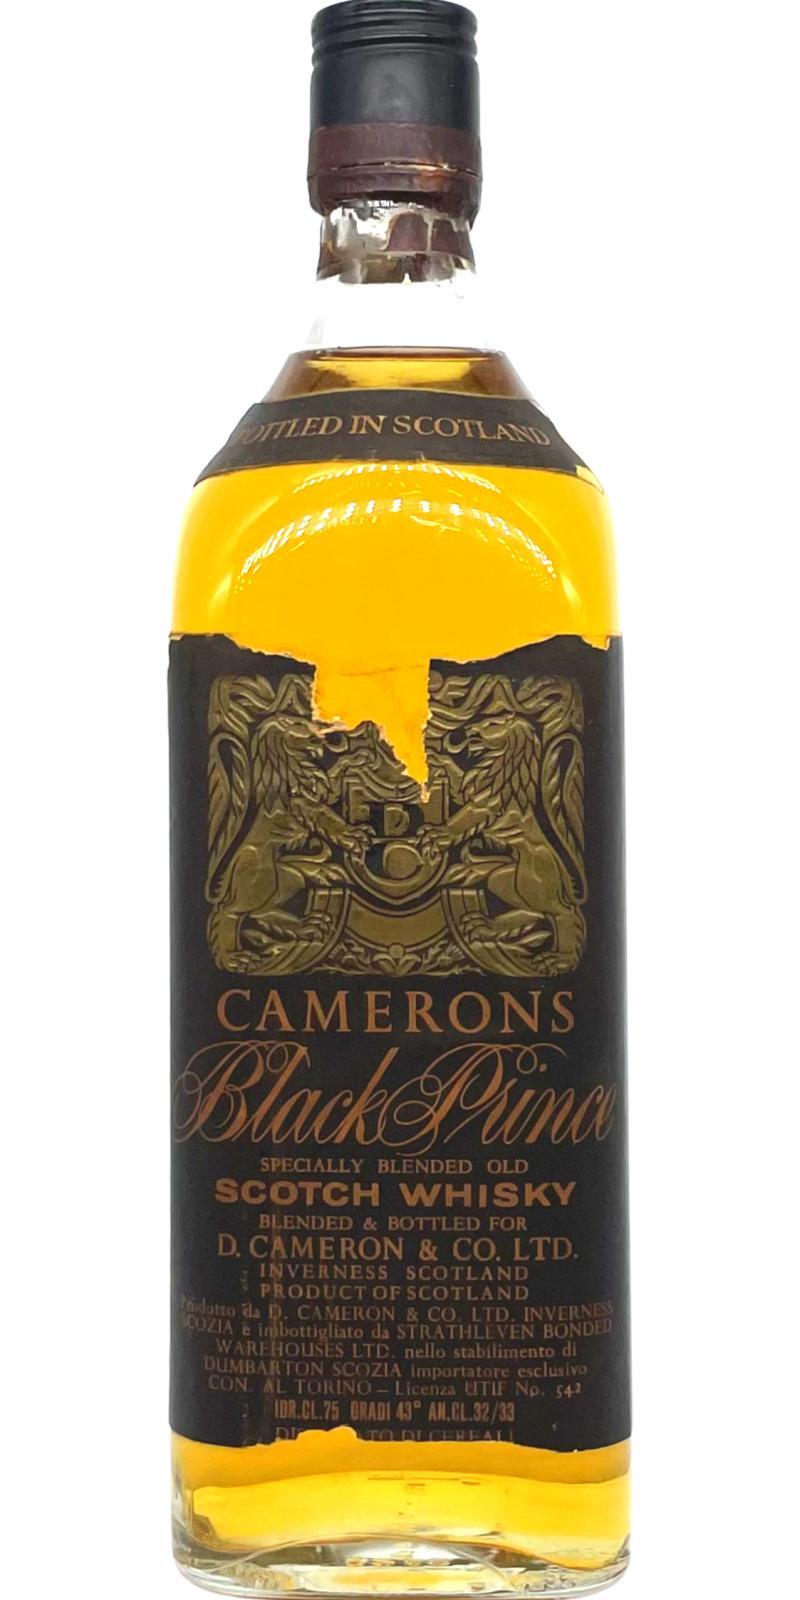 Camerons Black Prince